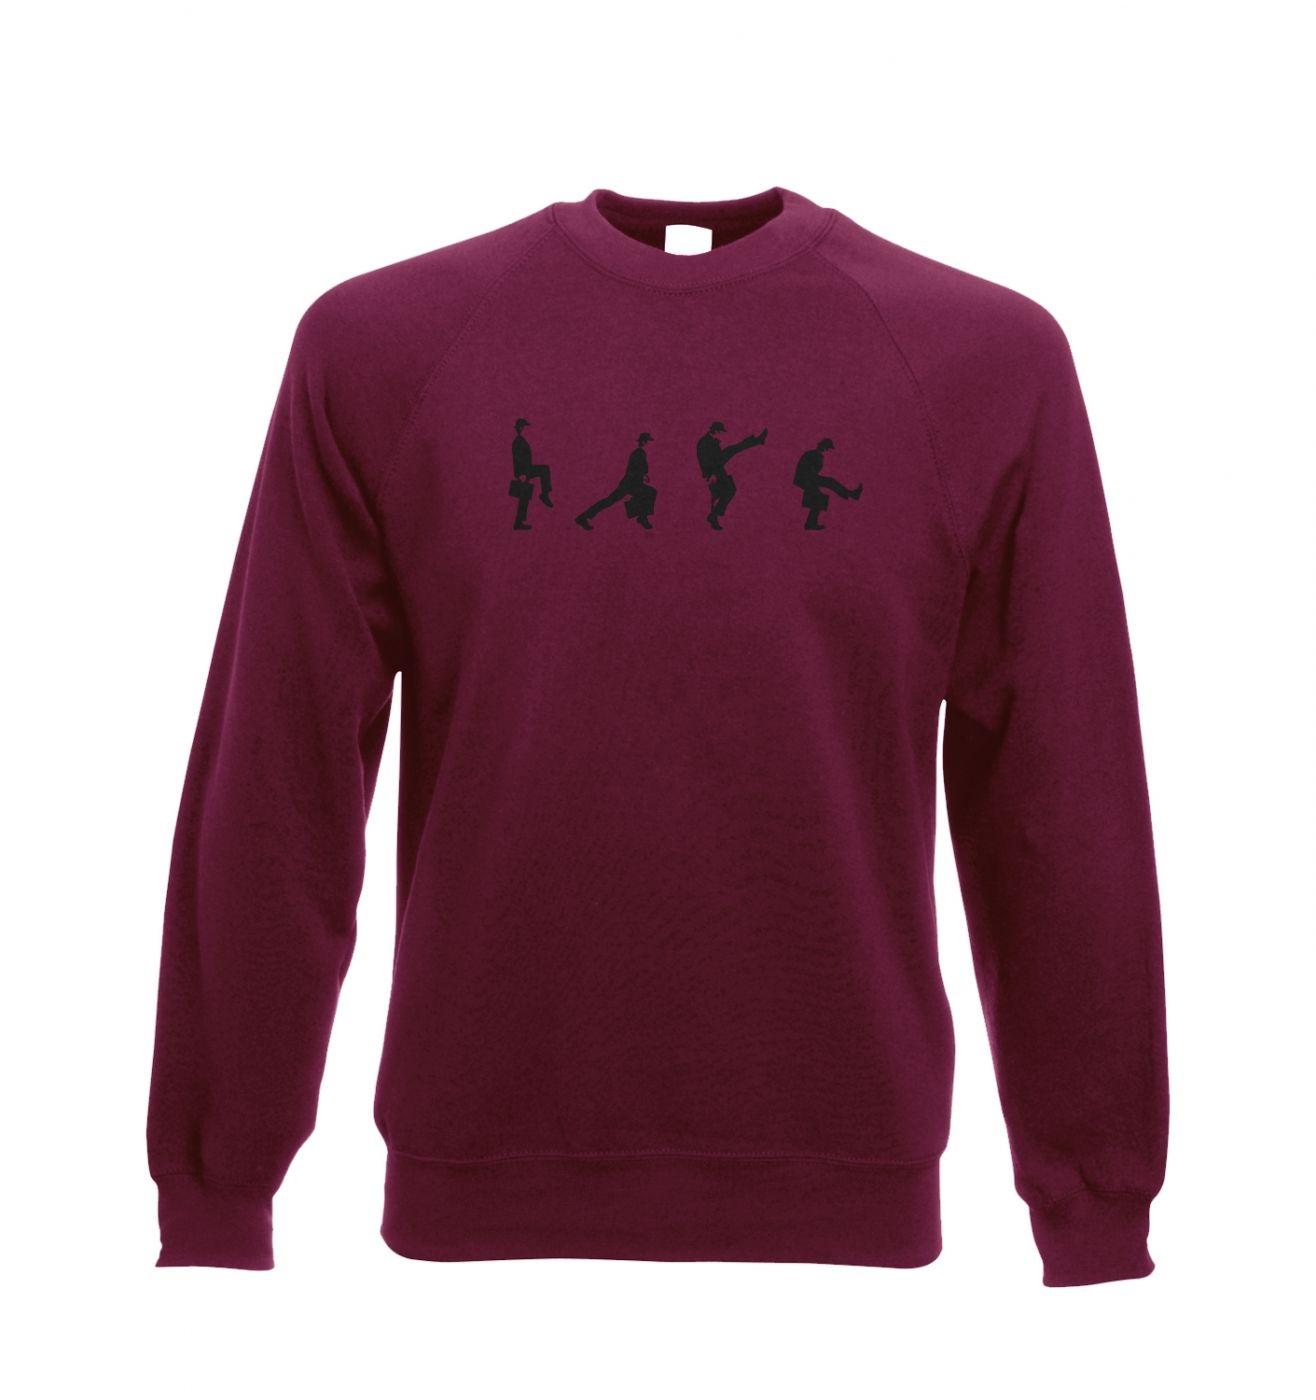 Row Of Silly Walks crewneck sweatshirt